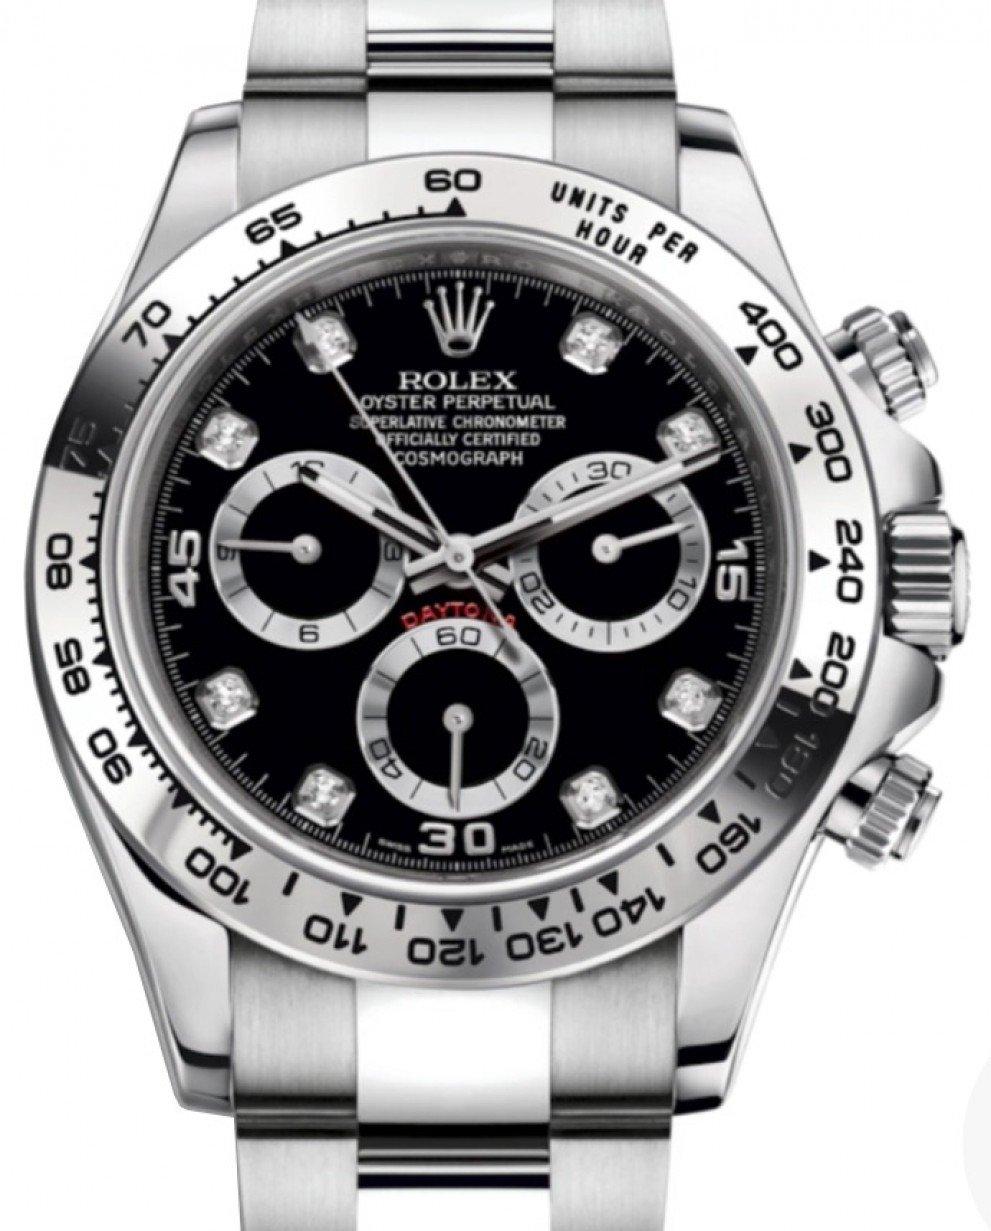 Rolex Daytona White Gold Black Diamond Dial White Gold Bezel Oyster  Bracelet 116509 , BRAND NEW